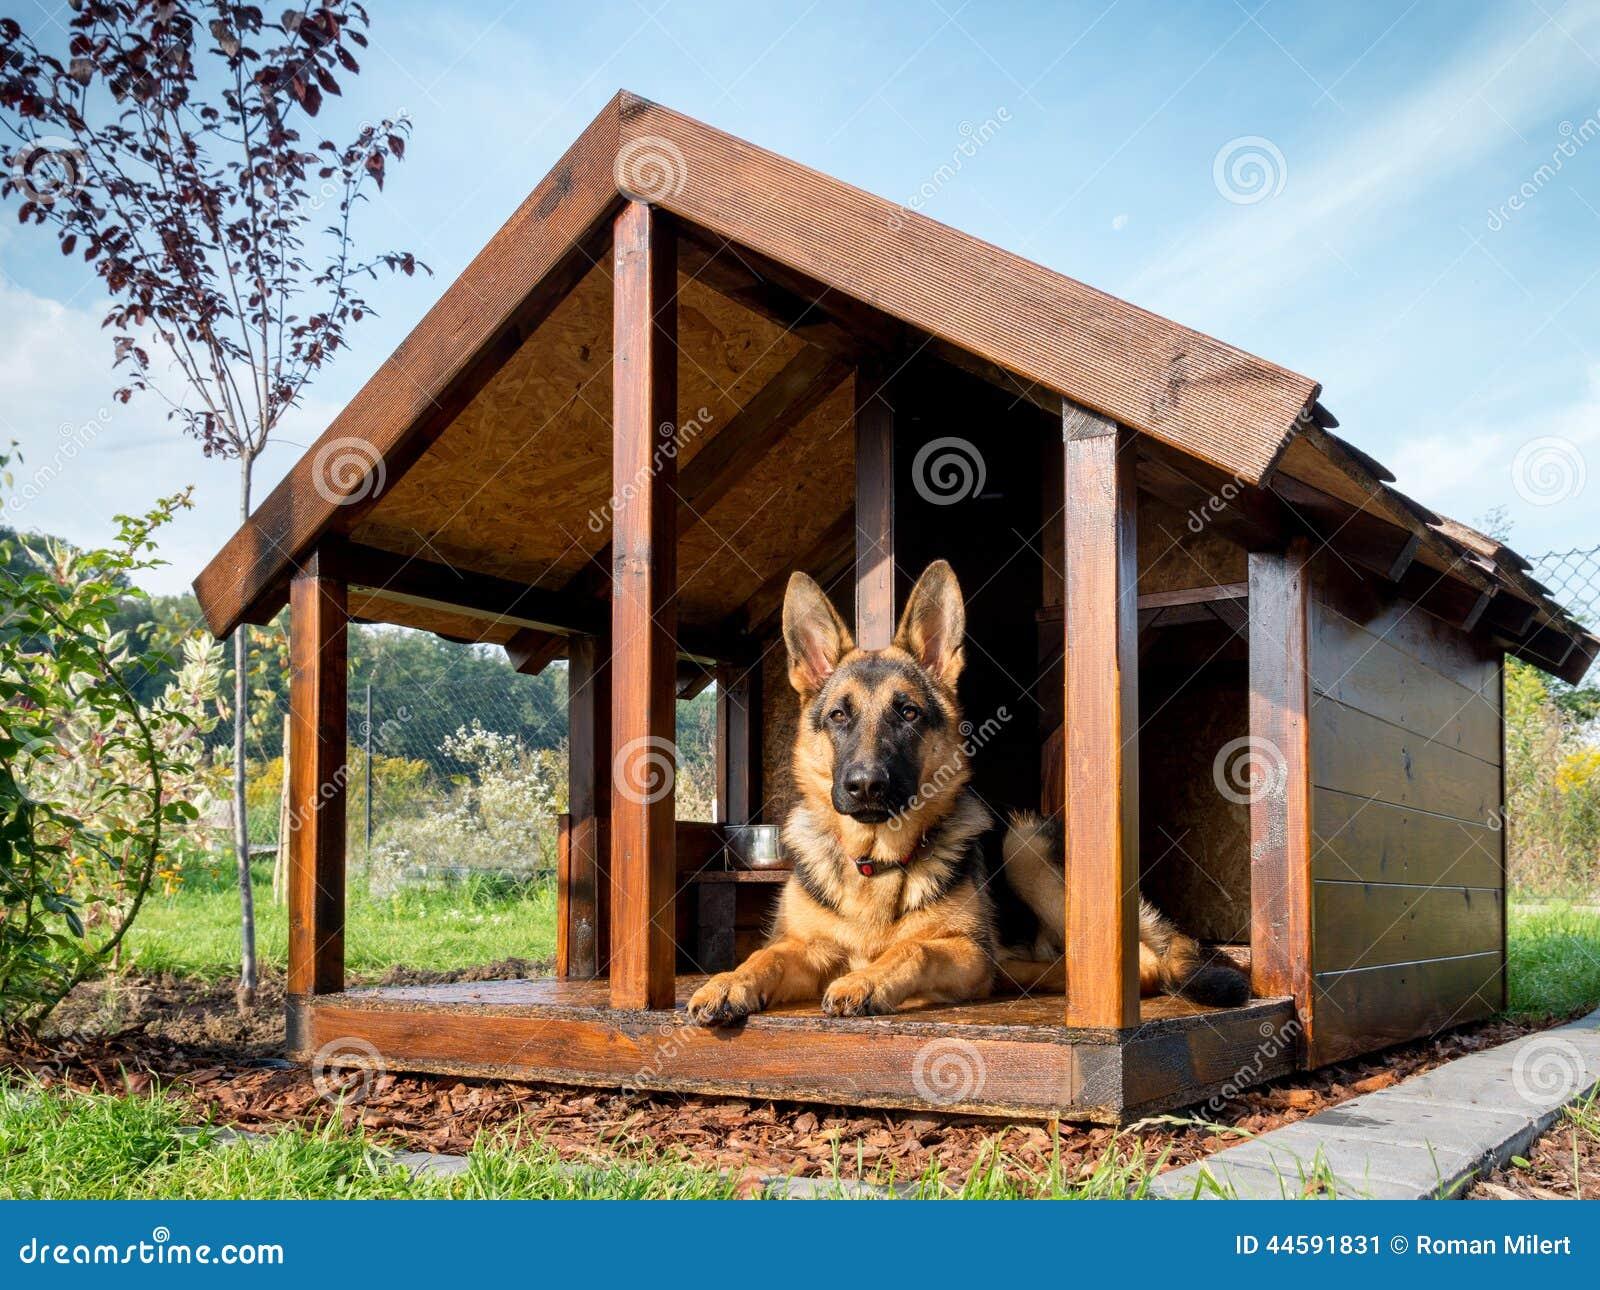 schäferhund in seiner hundehütte stockbild - bild von draußen, ruhe